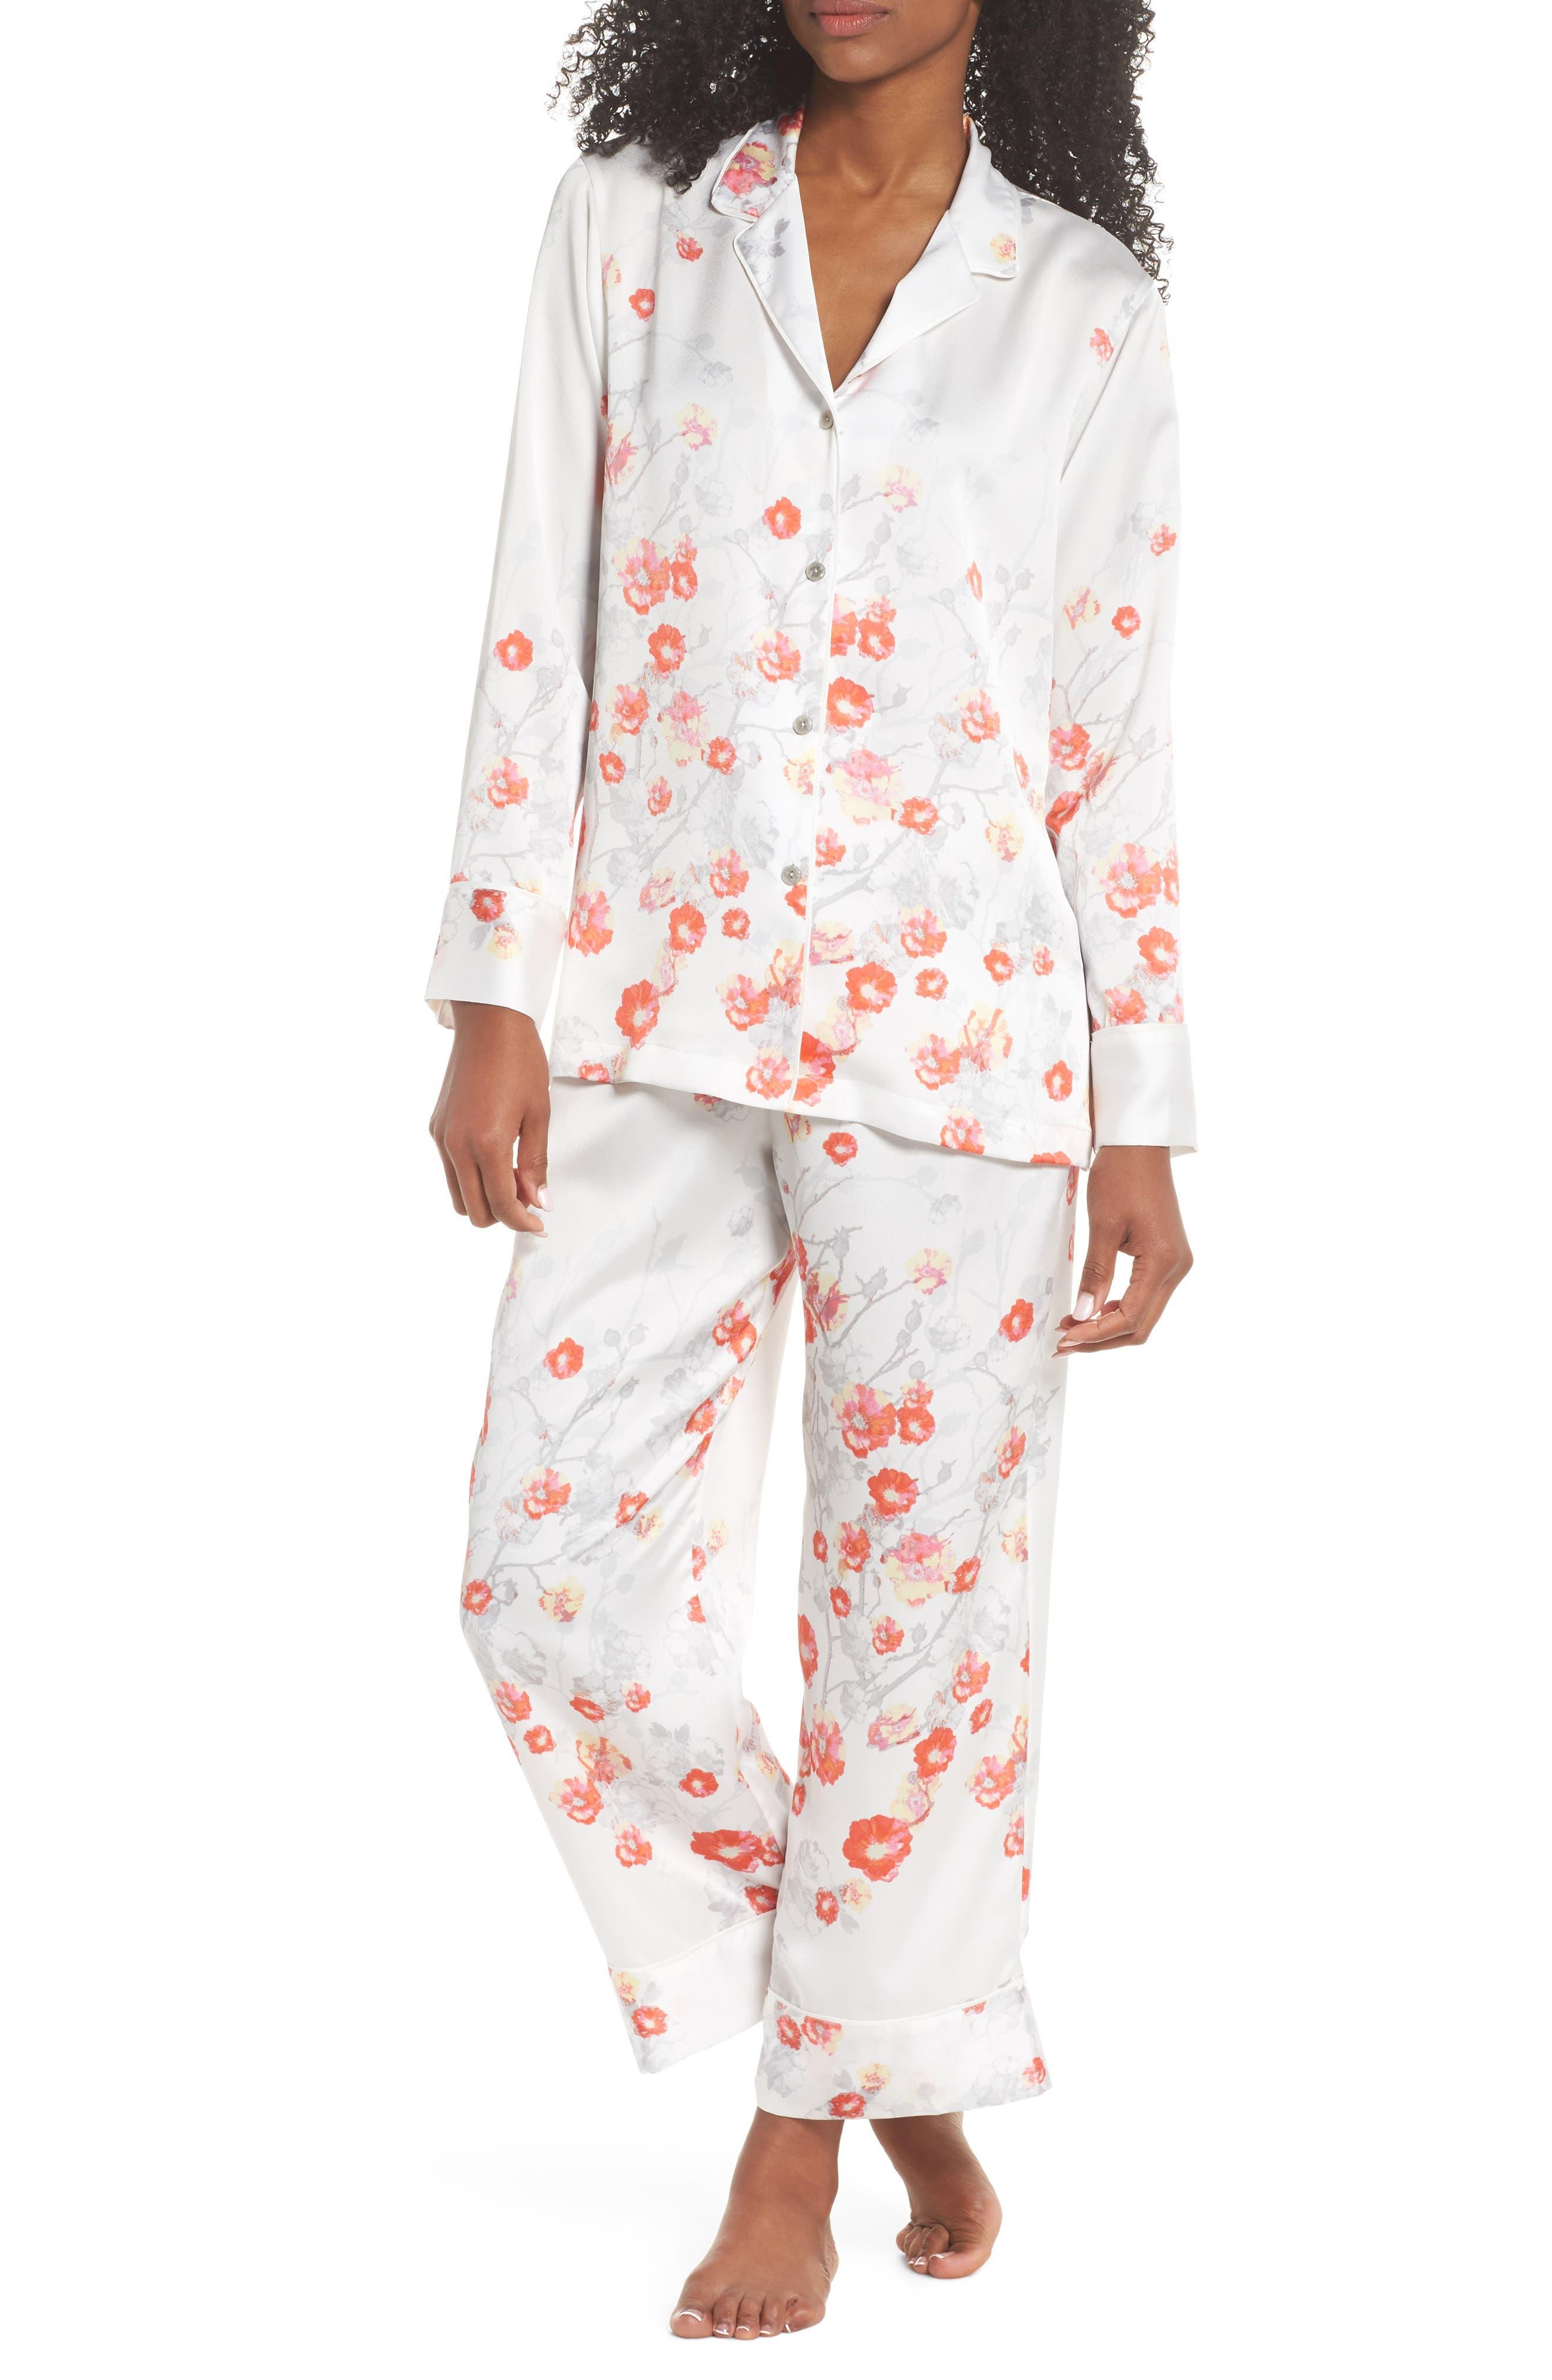 Blossom Print Satin Pajamas,                             Main thumbnail 1, color,                             905